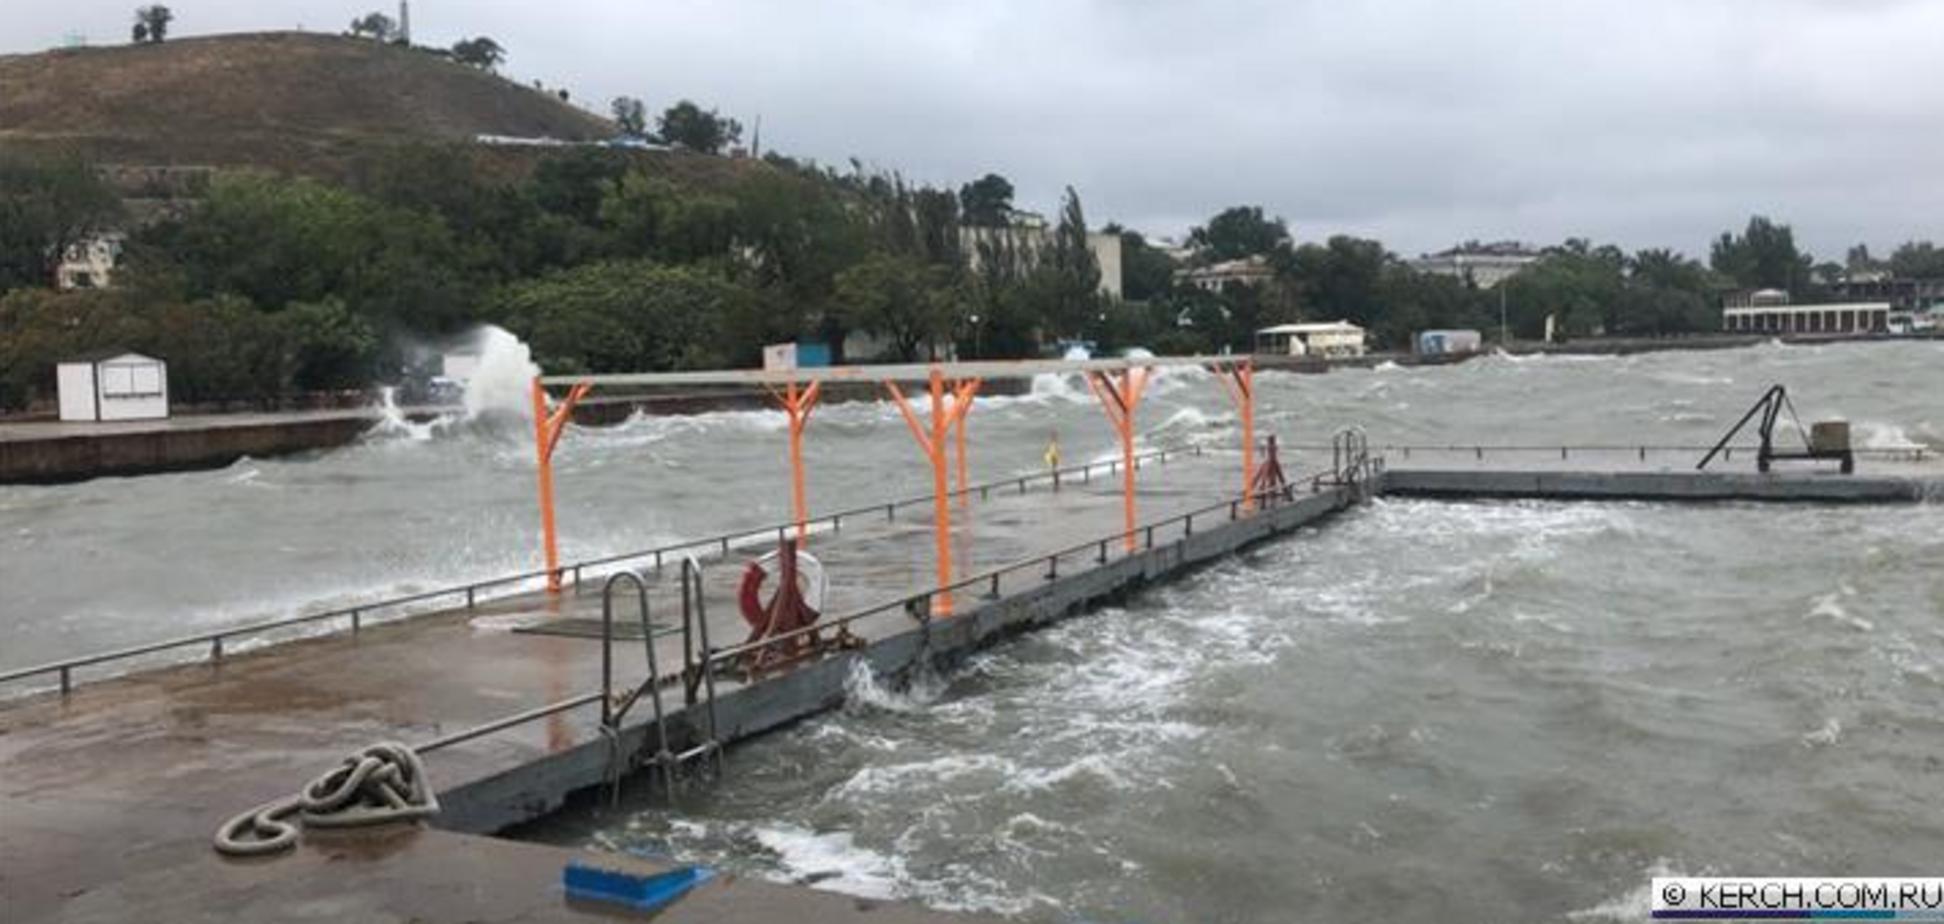 На Керчь обрушилась мощная стихия: пострадал Крымский мост, затонул буксир. Первые фото и видео